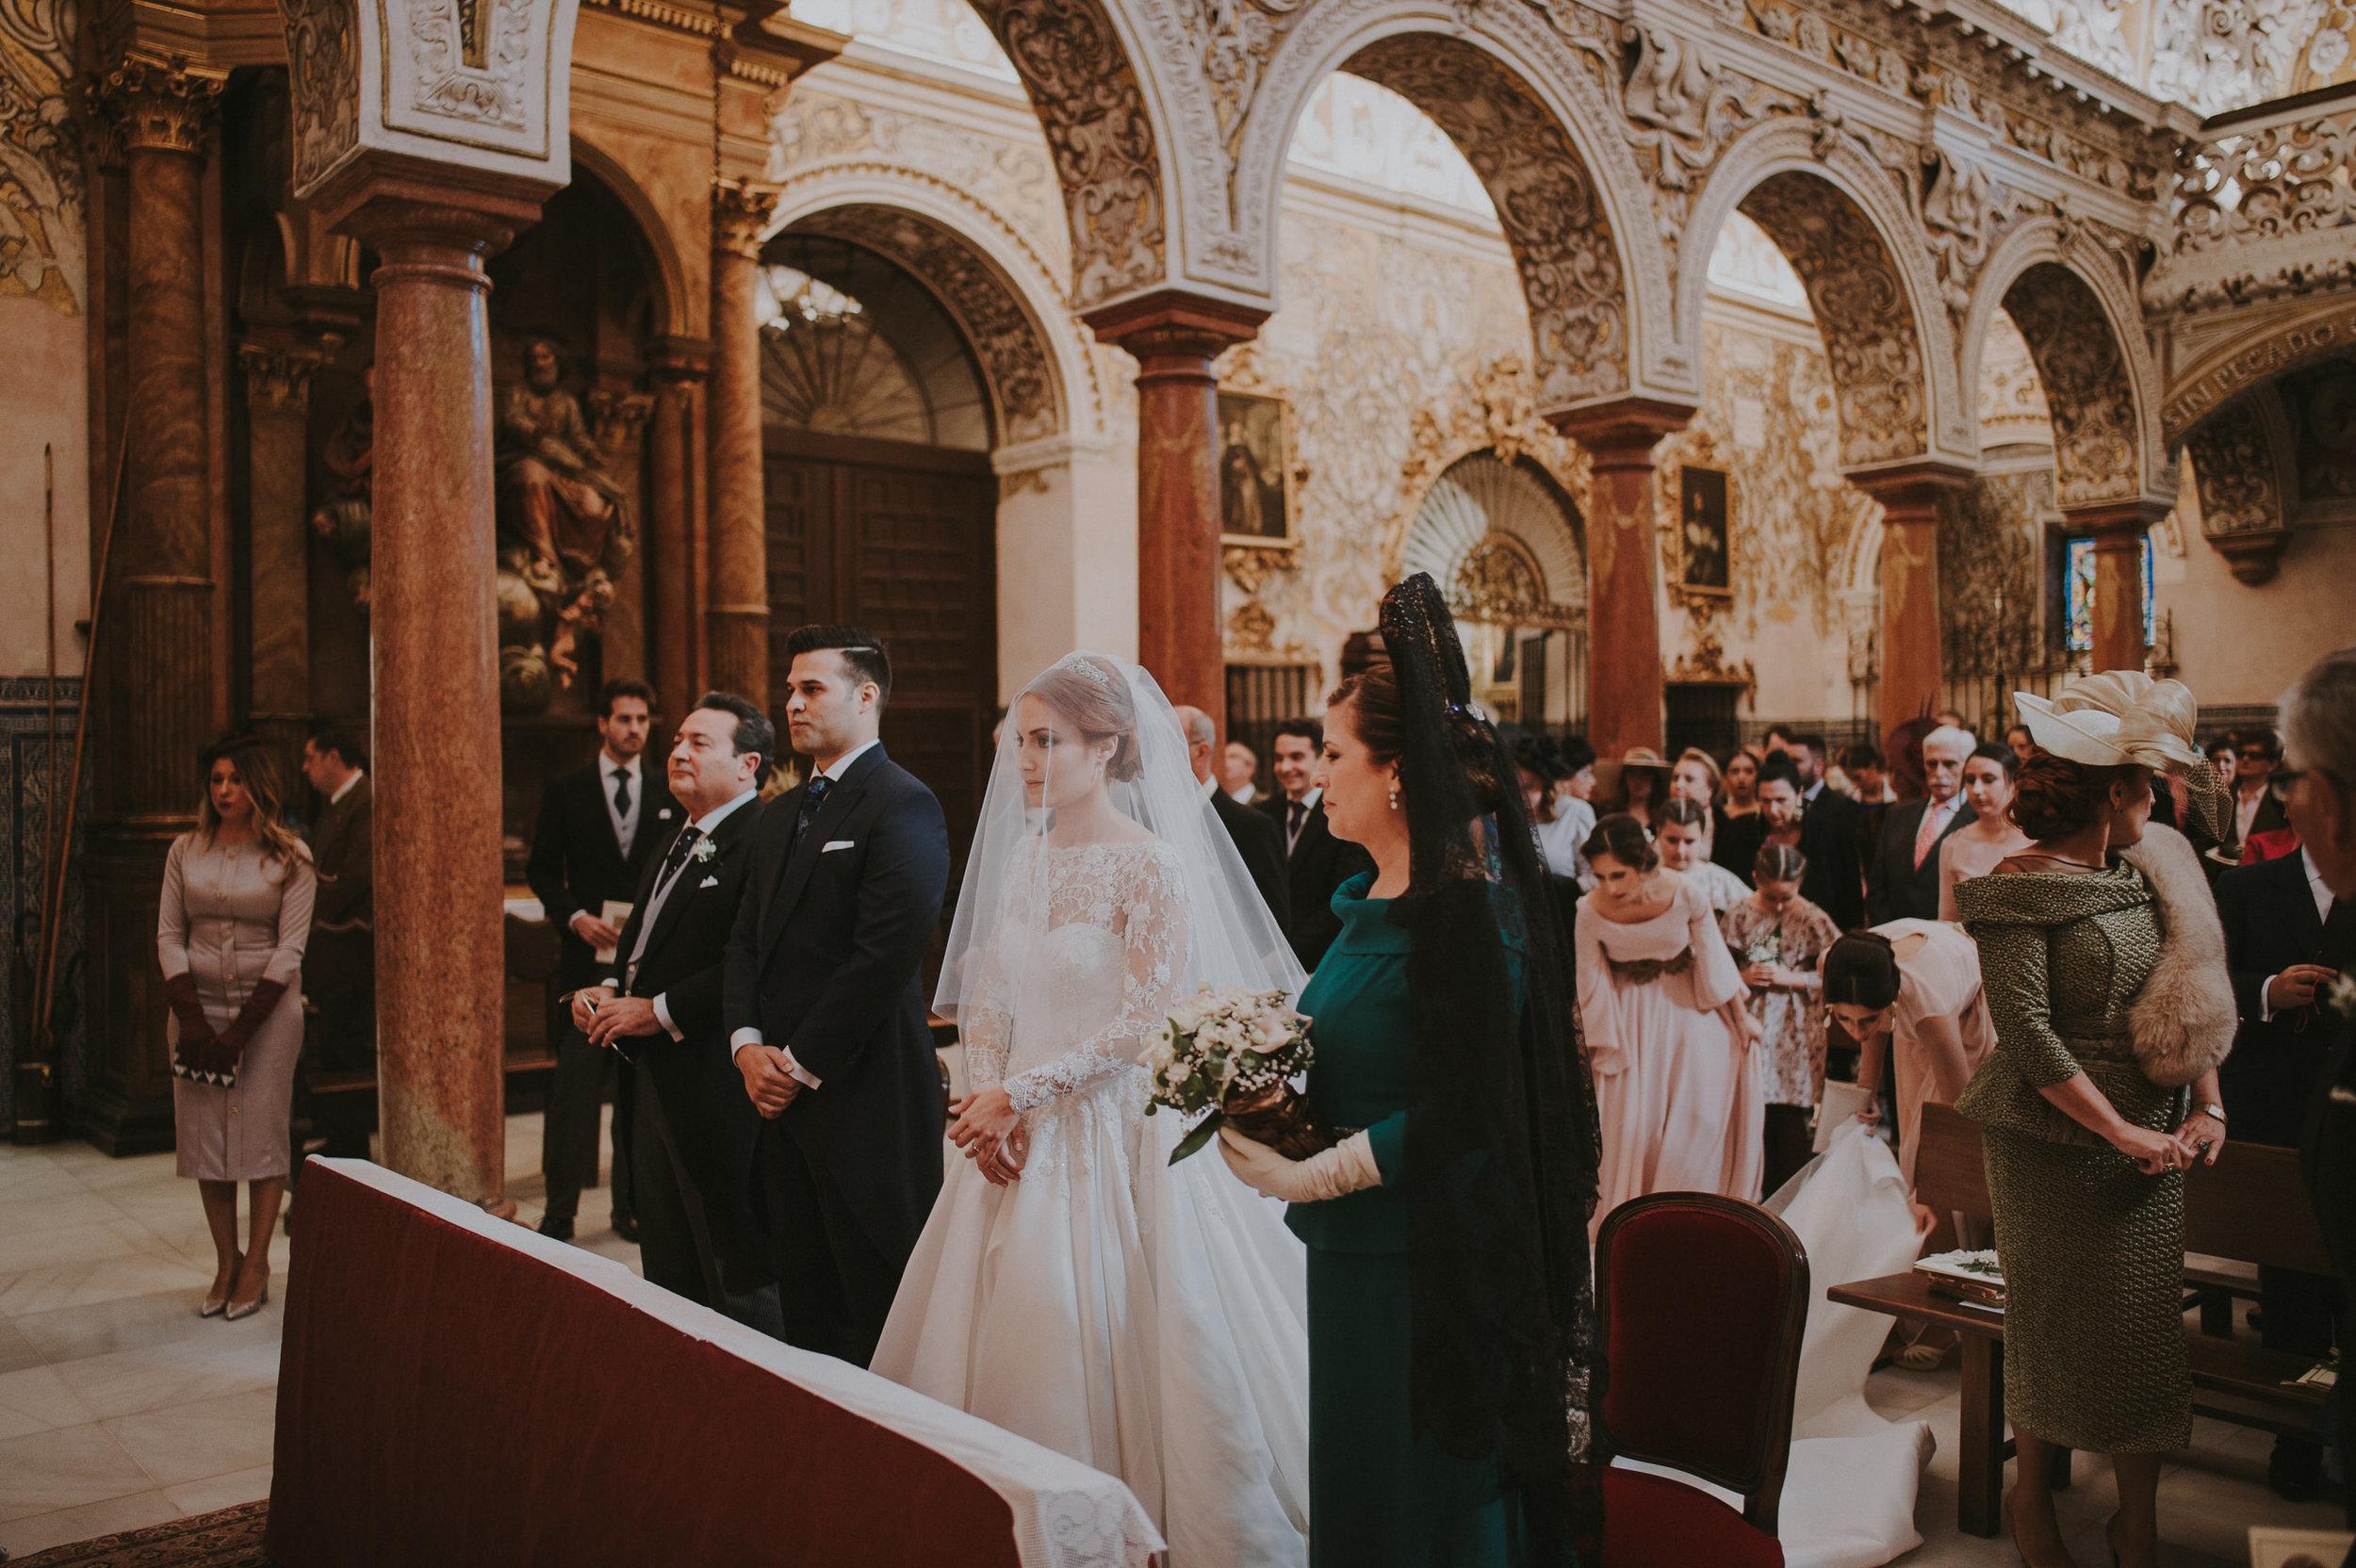 Andrés+Amarillo+fotografo+boda+Utrera+Dos+Hermanas+Santa+Maria+la+blanca+albaraca+Ivan+Campaña+los+tumbao (1).JPG